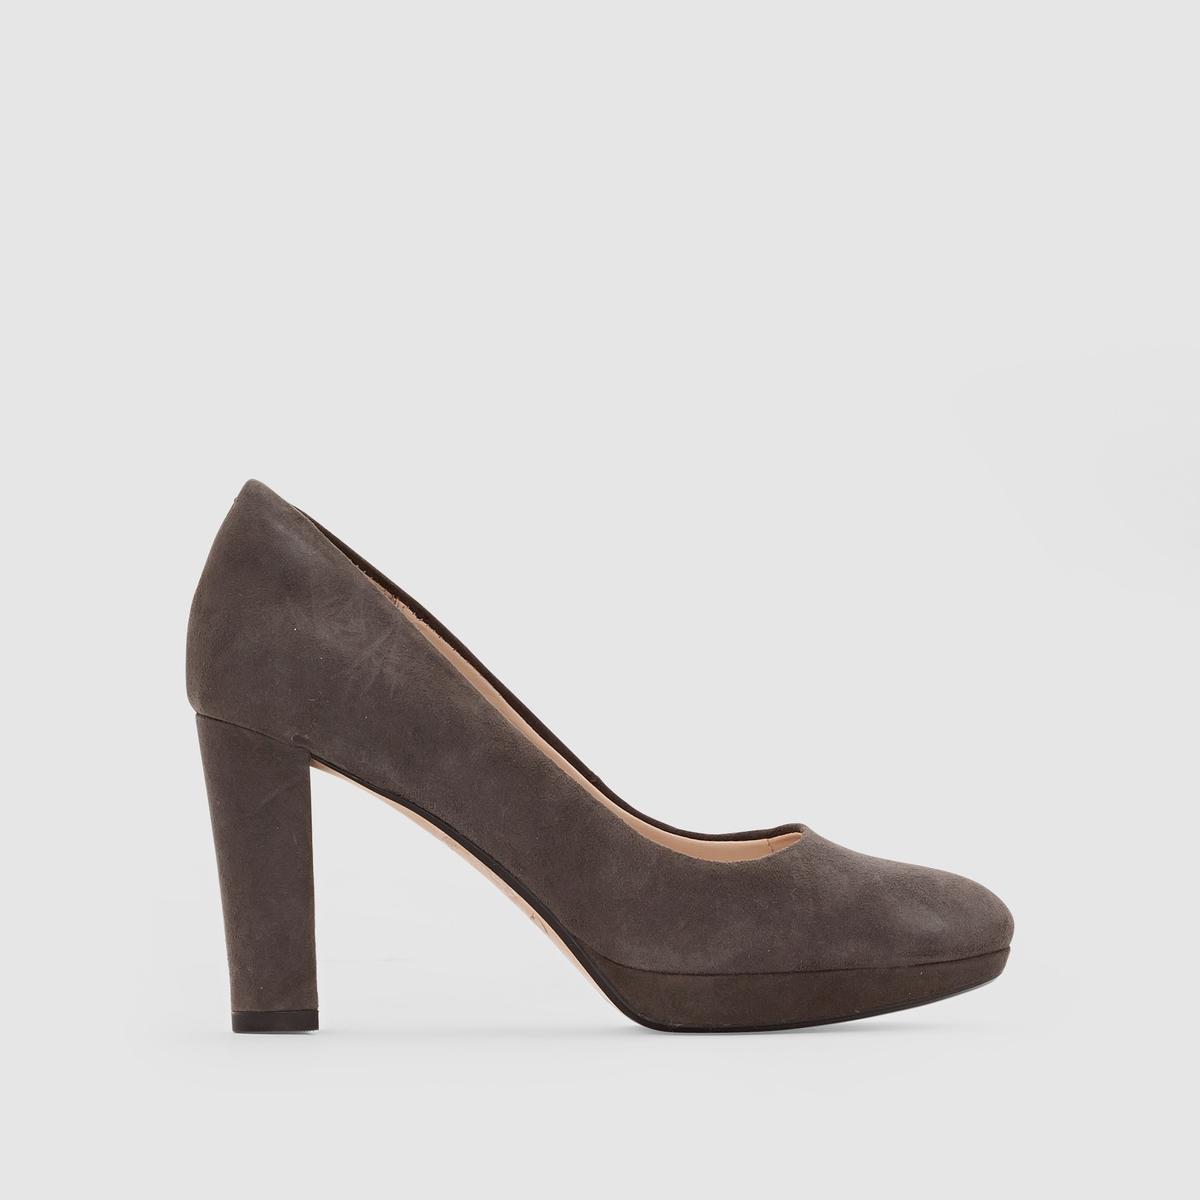 Туфли замшевые на каблуке, KENDRA SIENNAПодкладка: Синтетический материал.     Стелька: кожа.     Подошва: каучук.                       Высота каблука: 8 см. Форма каблука: широкая.Мысок: круглый.<br><br>Цвет: серый<br>Размер: 39